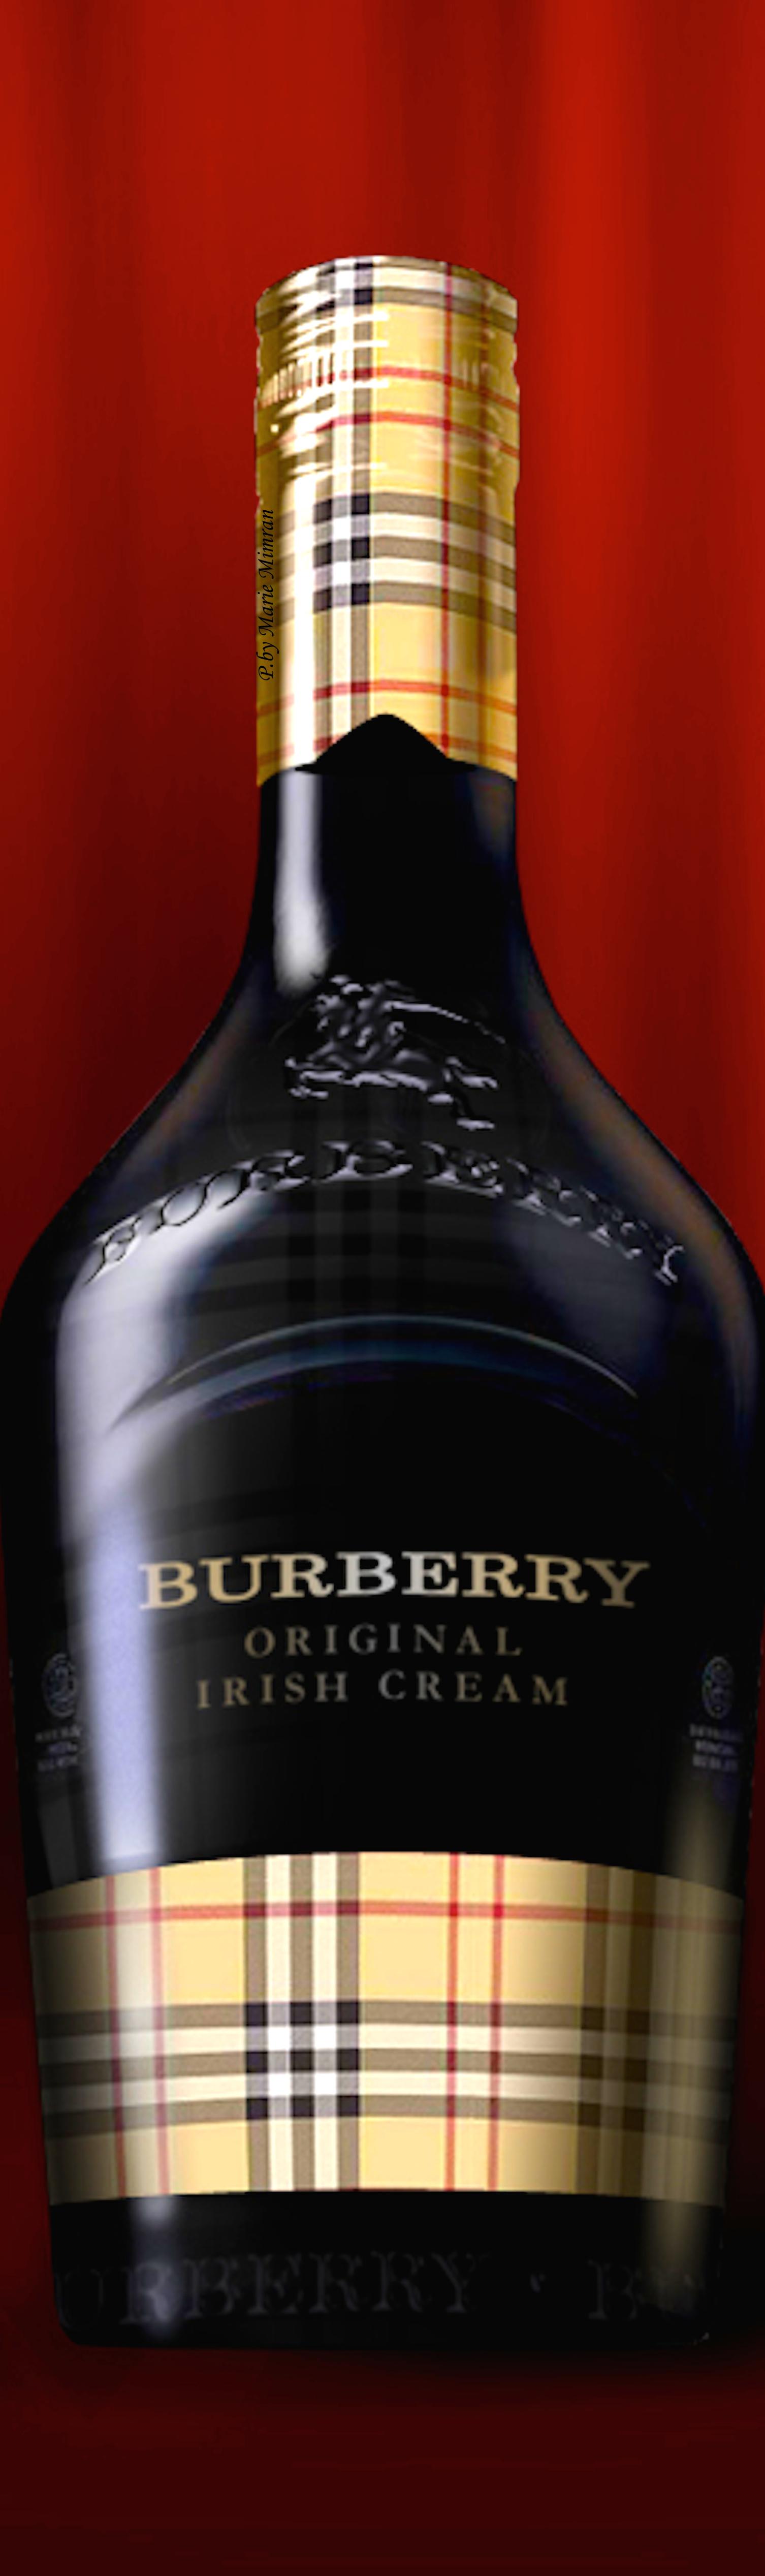 Burberry Original Irish Cream Pd Irish Cream Wine Bottle Glasses Wine Bottle